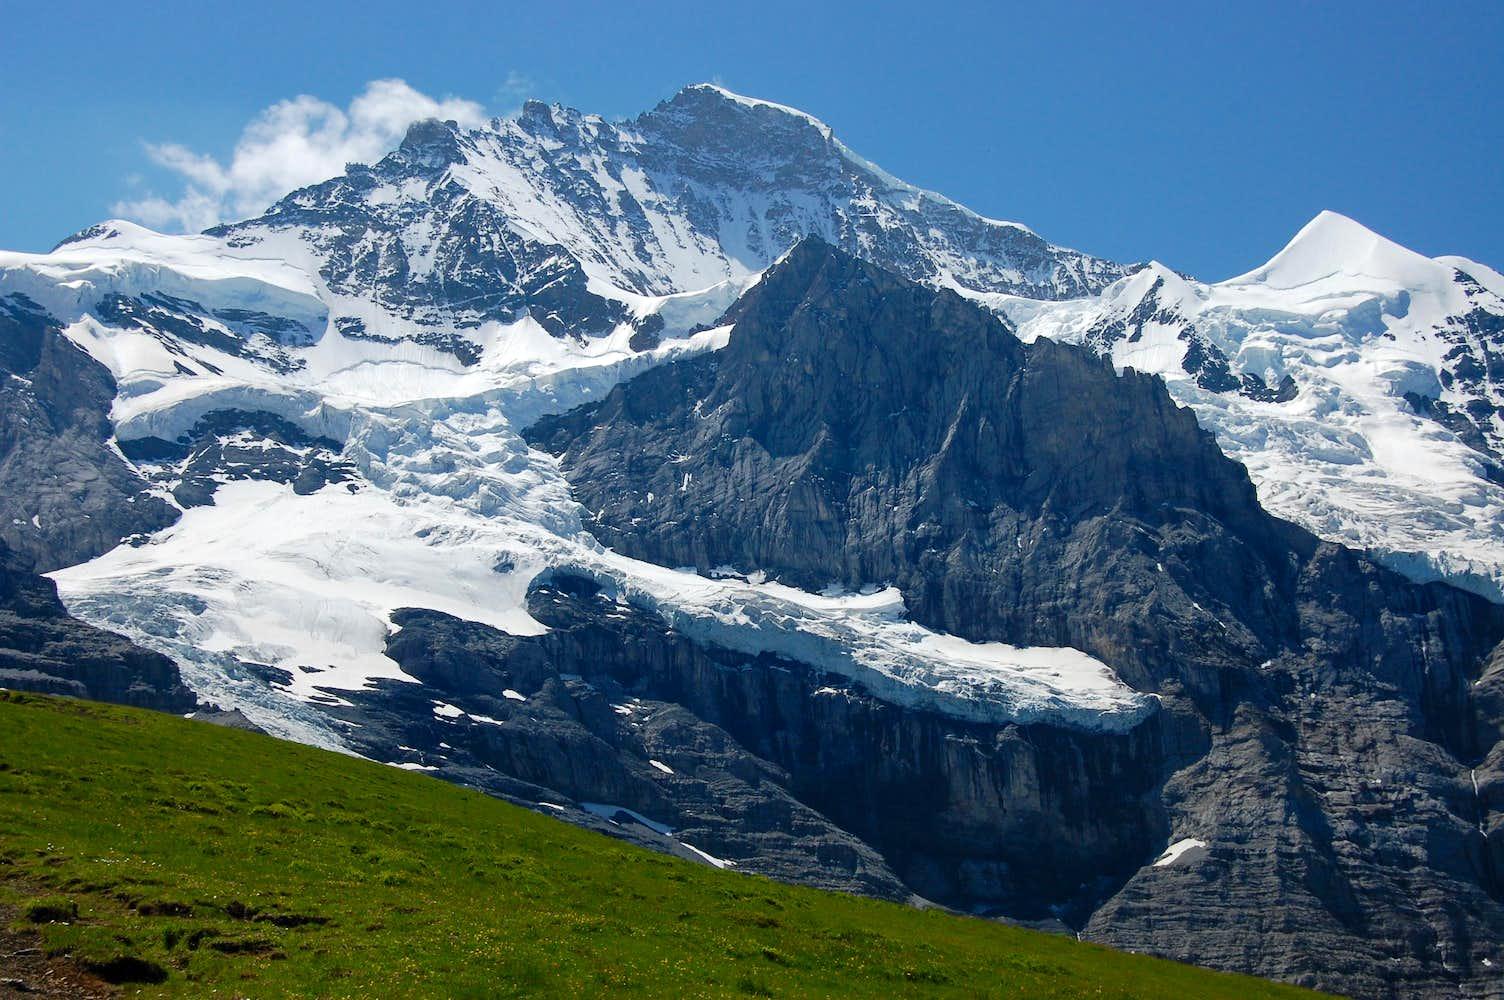 Jungfrau from Kleine Scheidegg : Photos, Diagrams & Topos